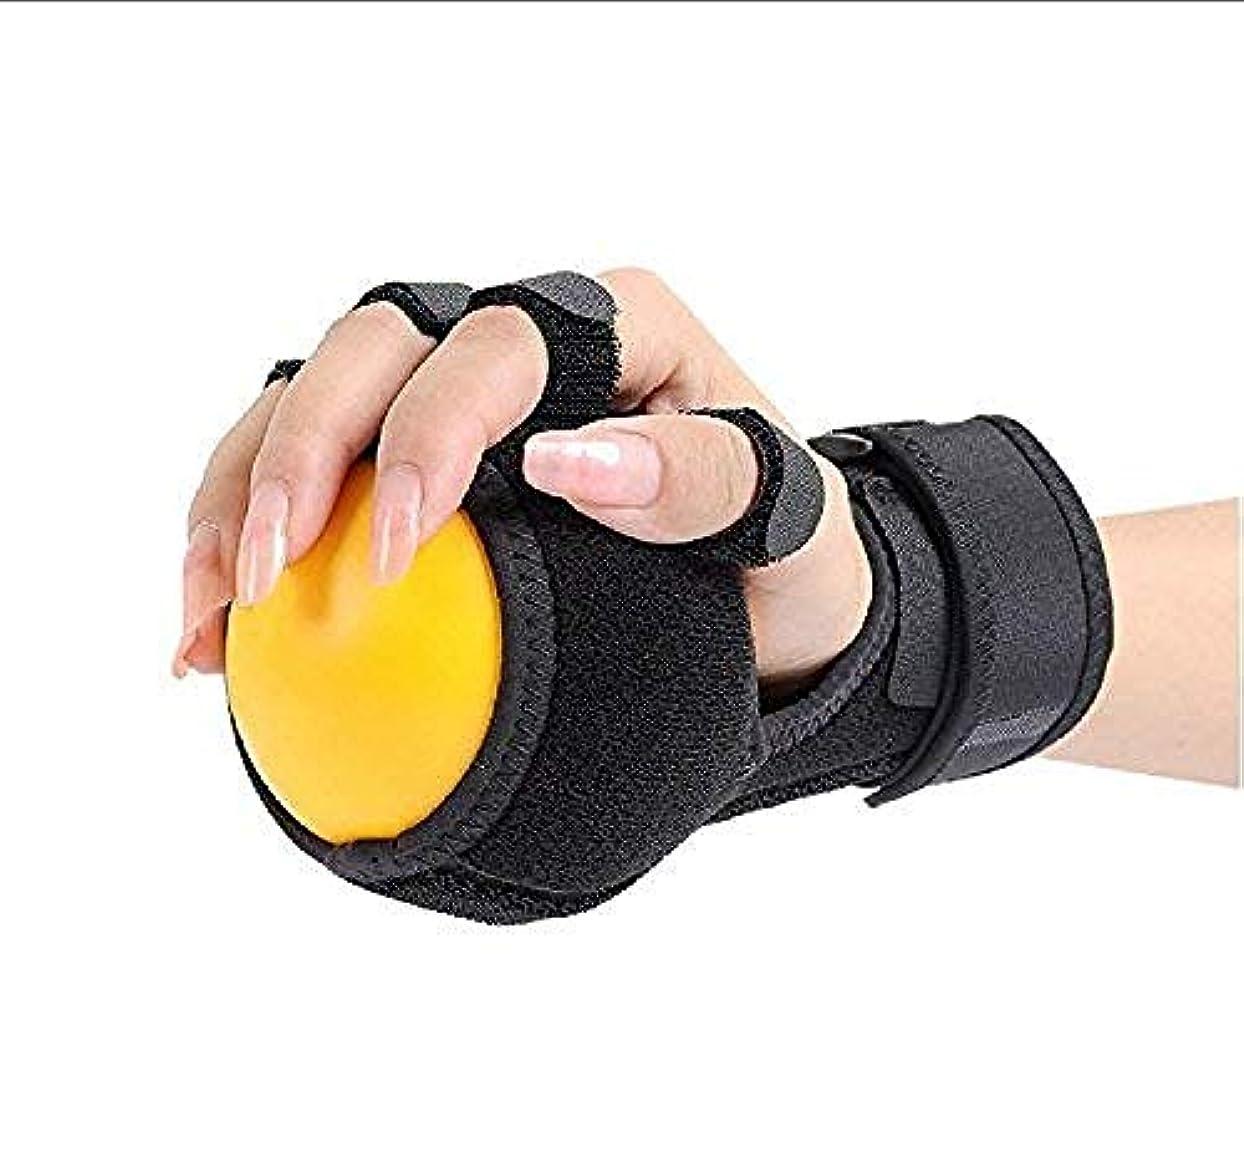 矛盾するグリースシーケンス関節炎ハンドボールリハビリテーションのためのトリガー指装具親指サポートのためのトリガー指副木